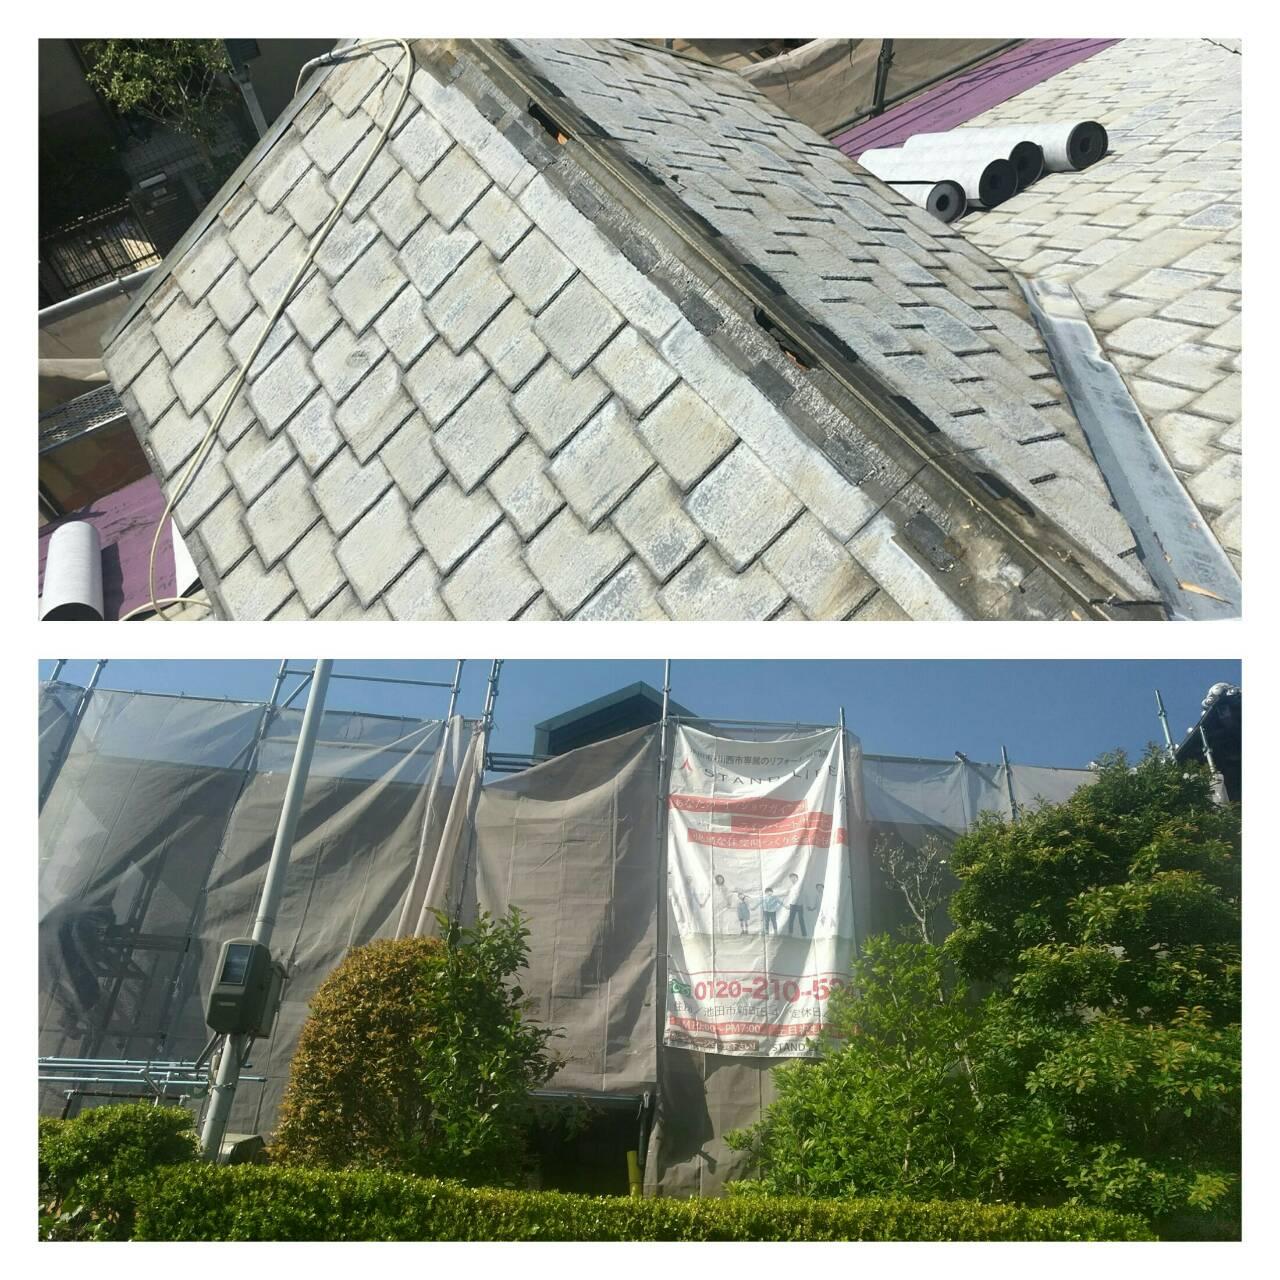 池田市伏尾台 雨漏れ発生!メンテナンスを兼ねた屋根外壁工事